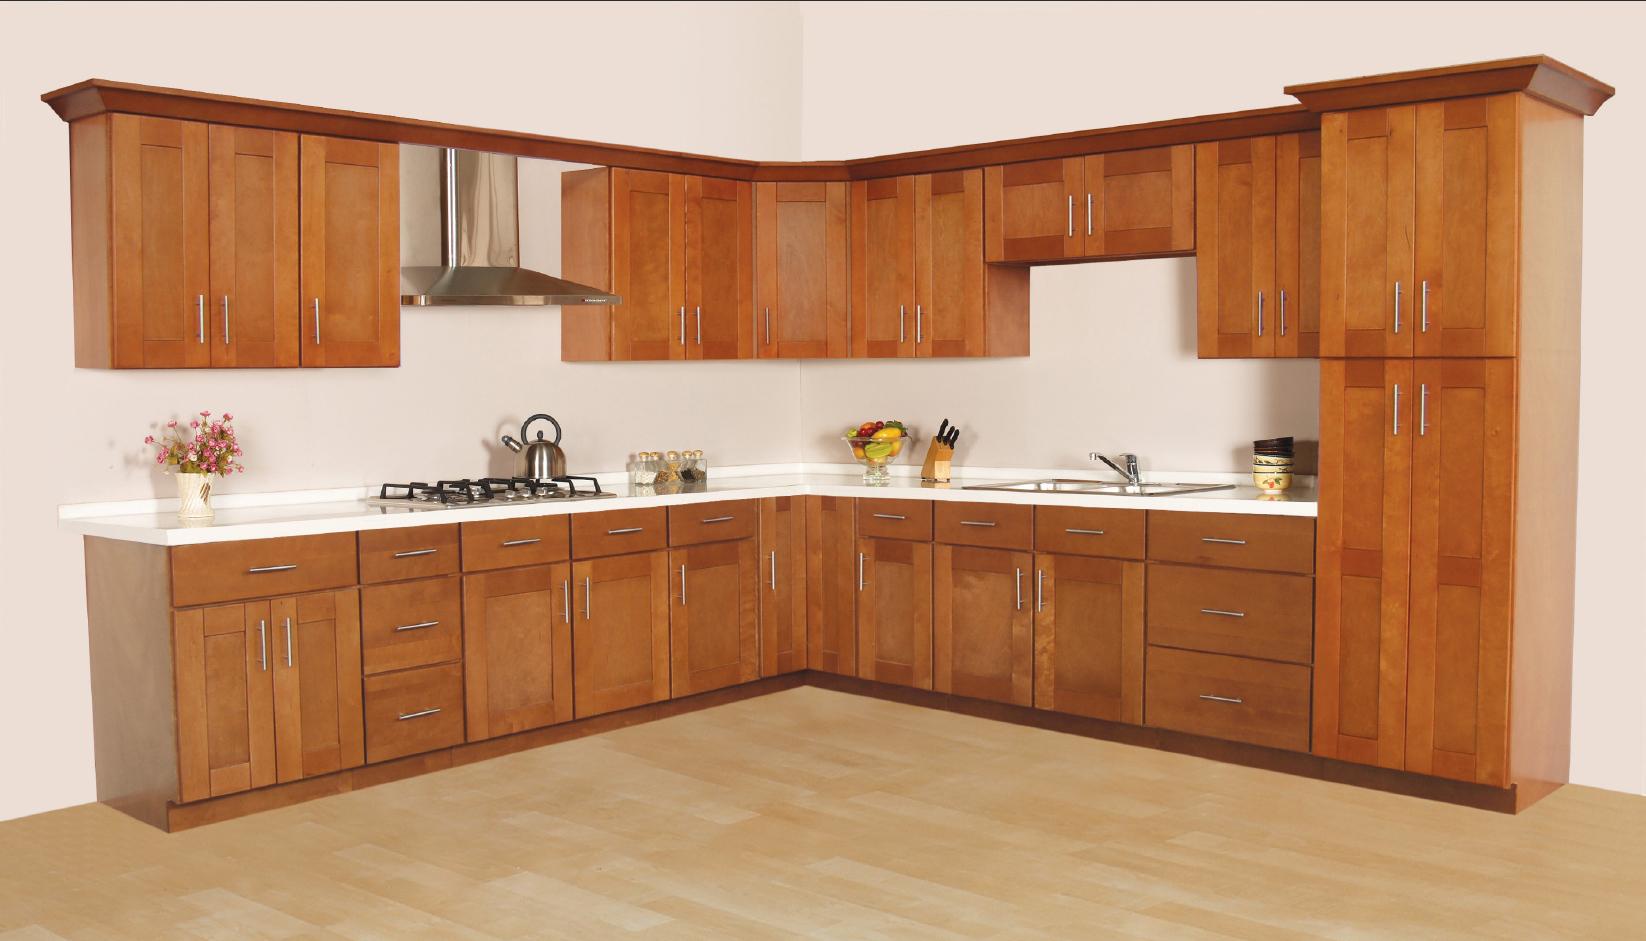 Storage furniture kitchen Photo - 9